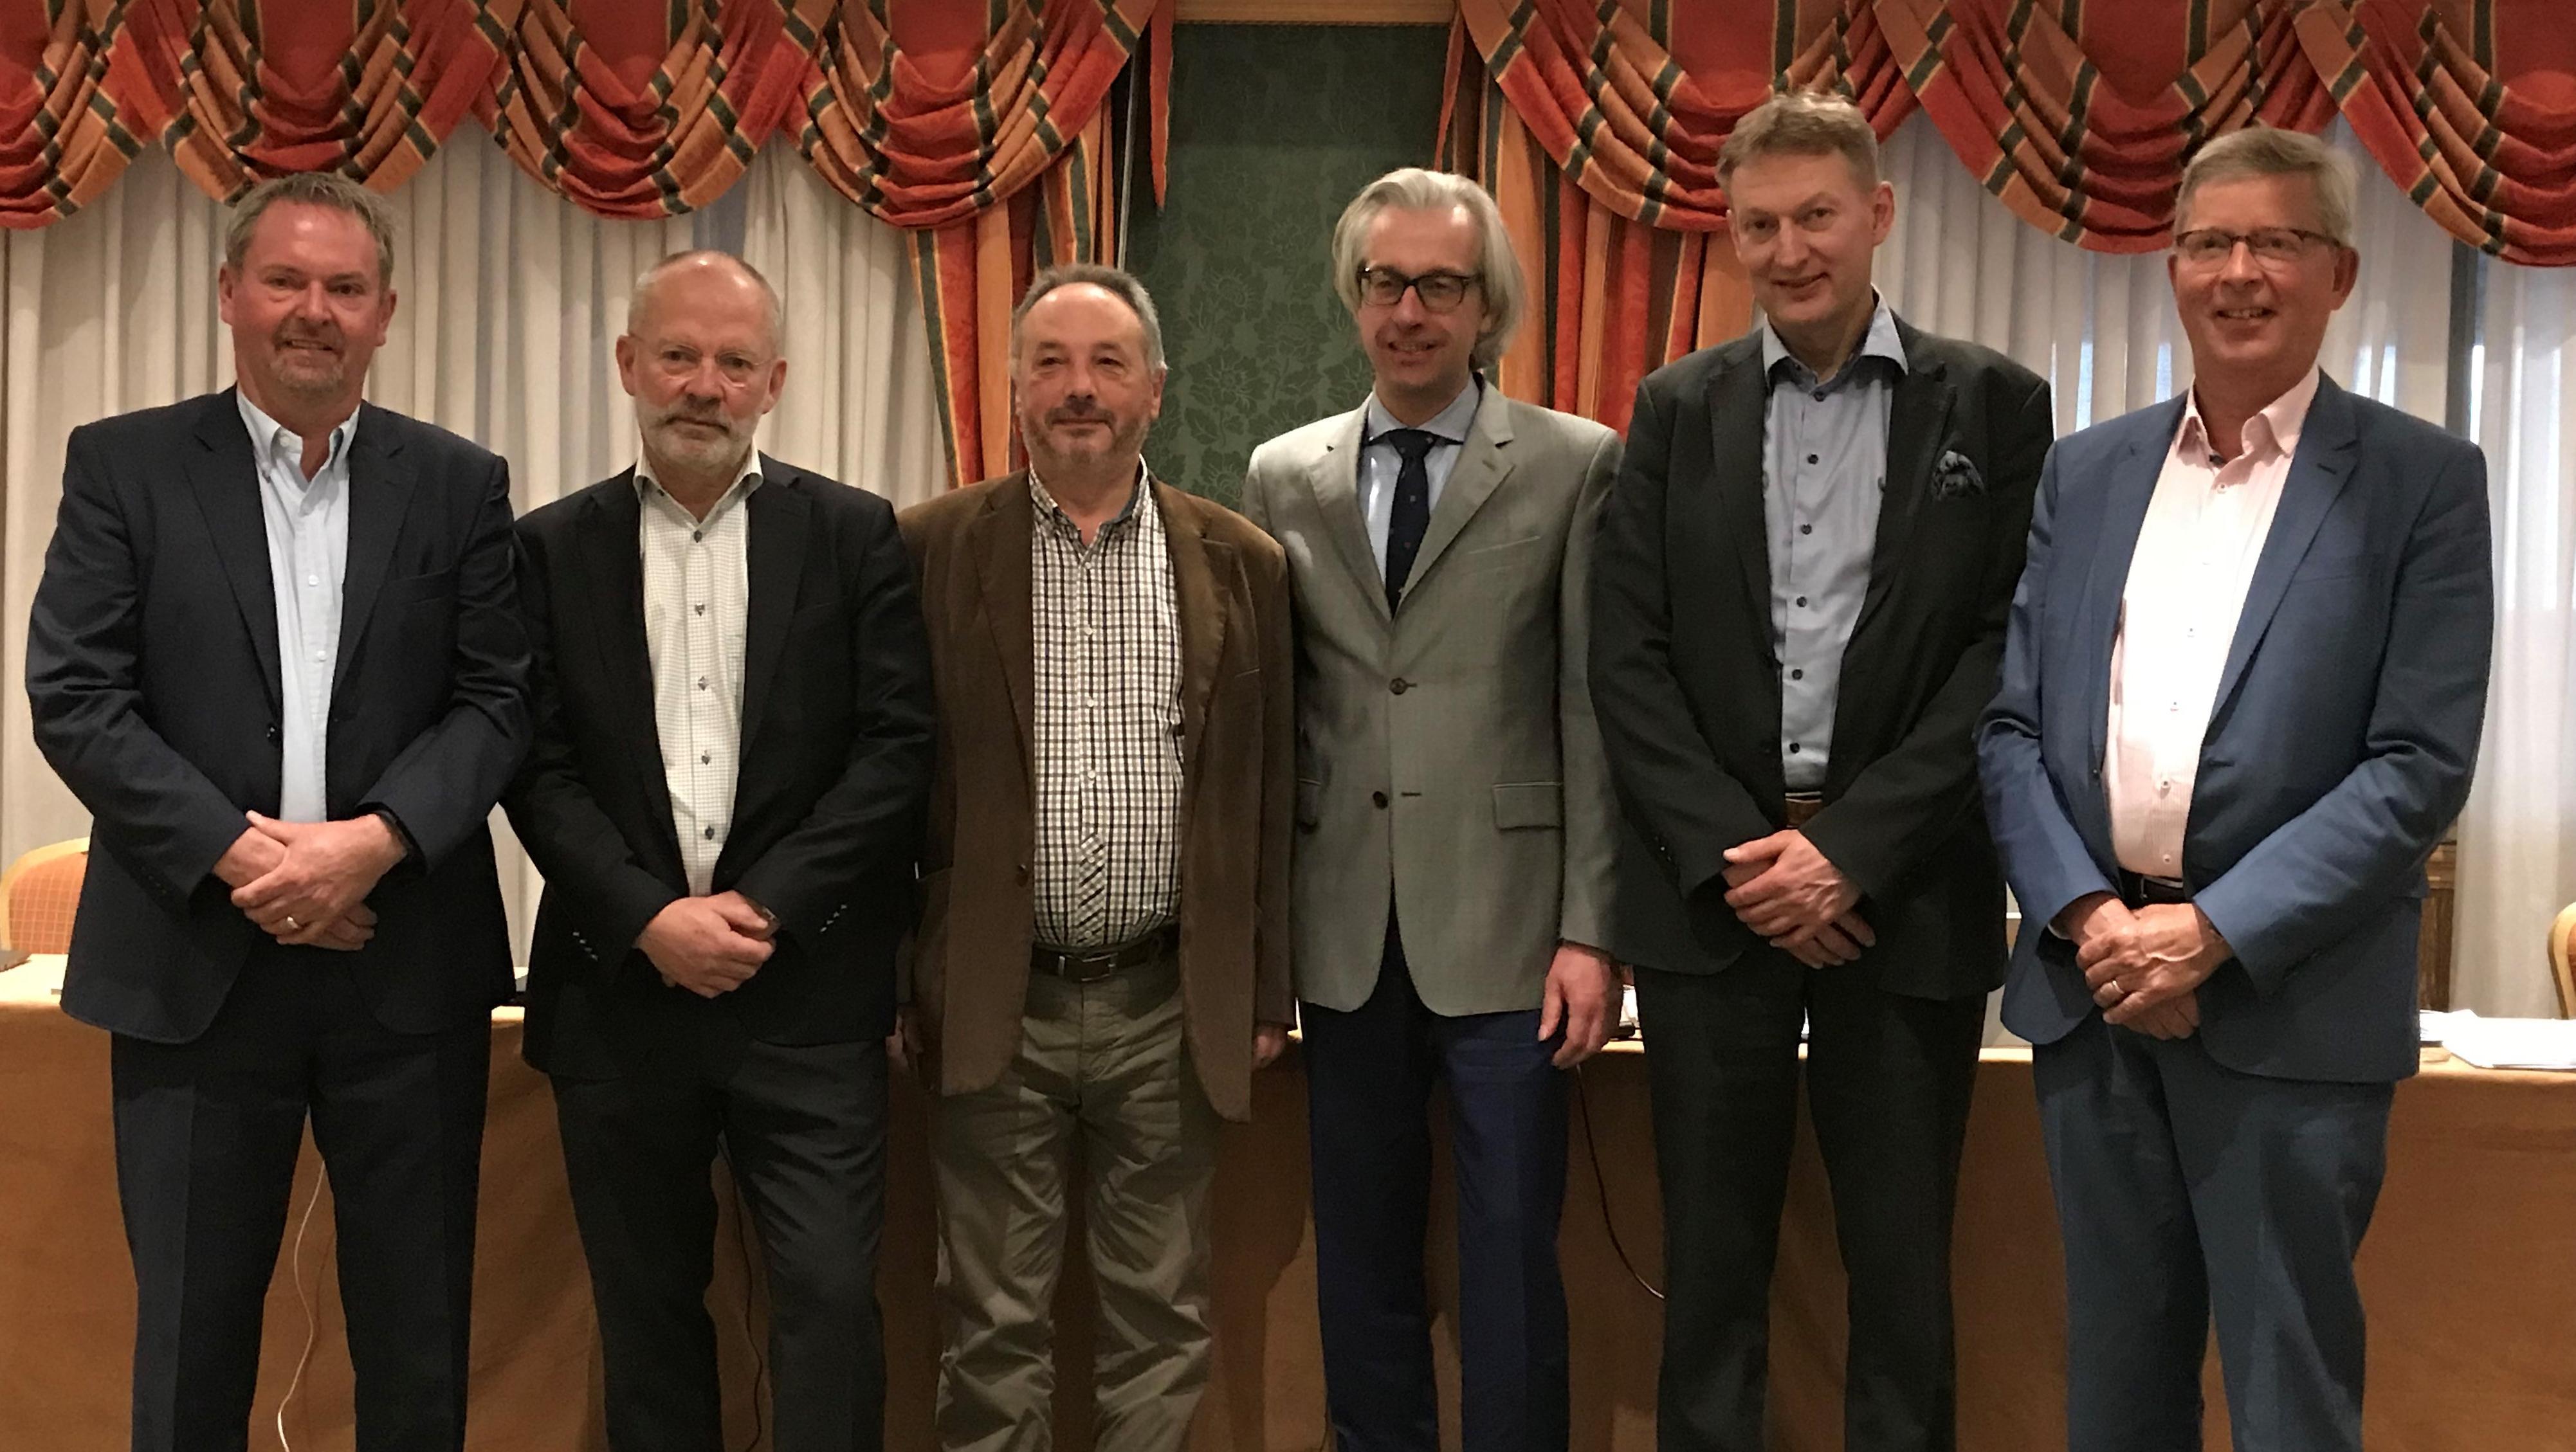 De gauche à droite, les membres du Comité de Direction d'ETIM International Eric Piers, Sverker Skoglund, Ryszard D'Antoni, Hans Henning, Magnus Siren et Jan Janse.